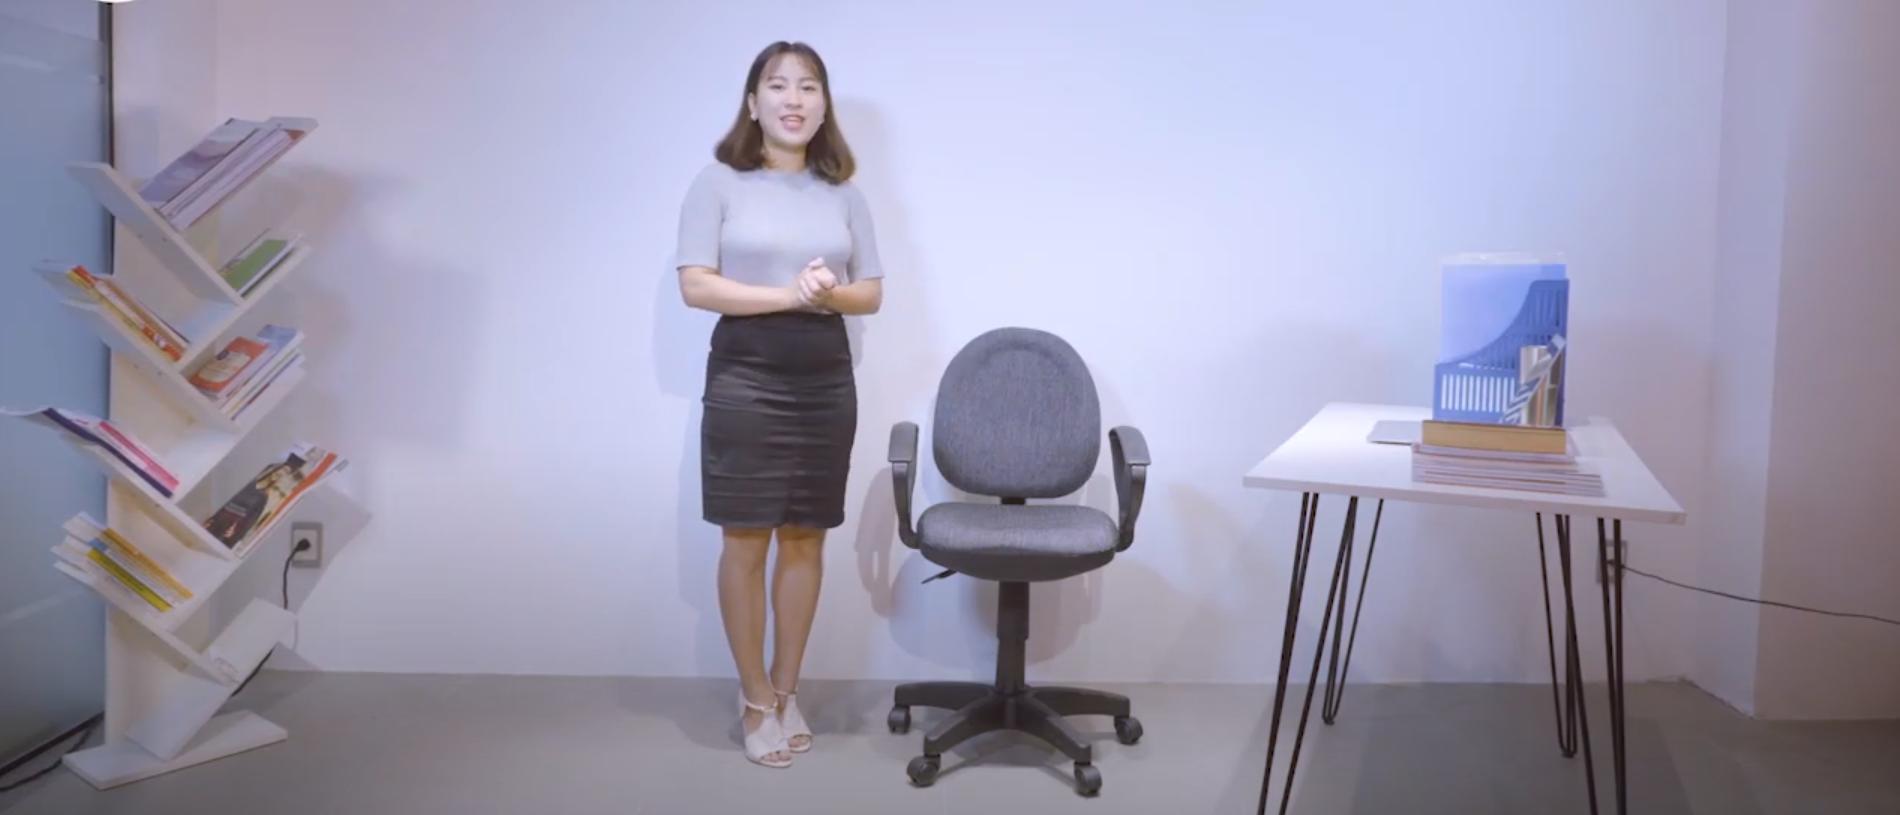 ghế xoay văn phòng nhiều kiểu dáng